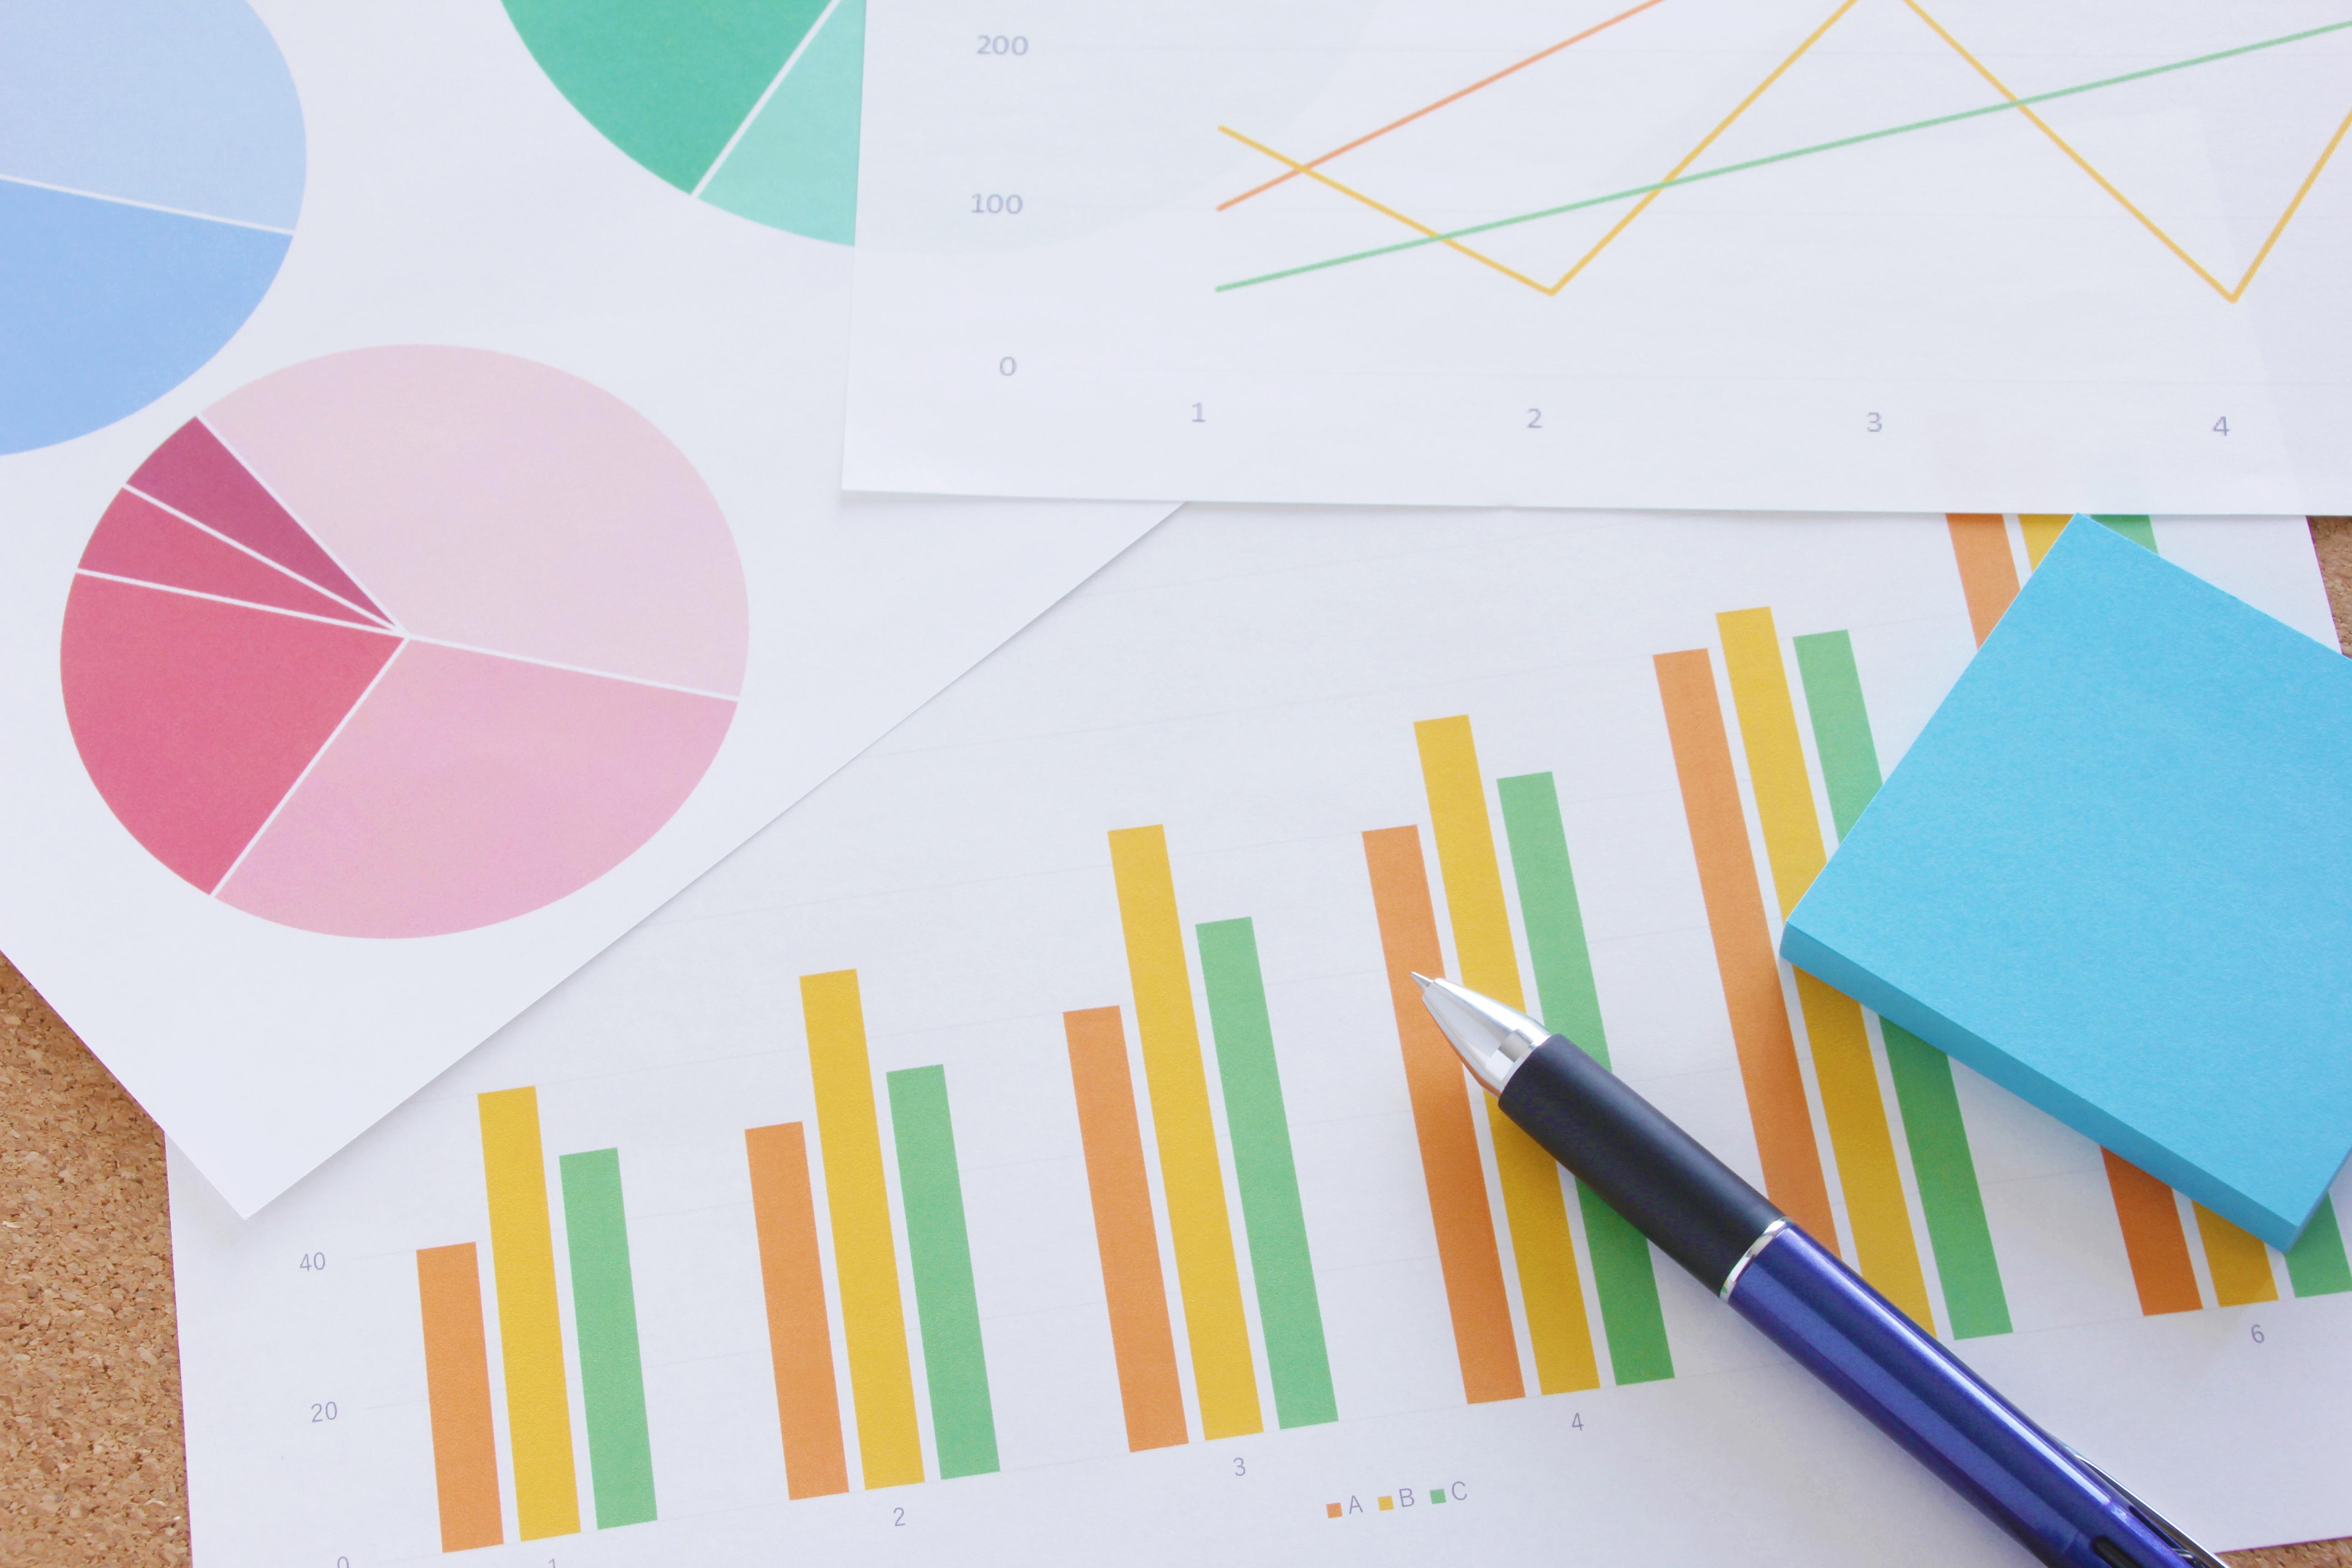 長期投資はリスクが増えるの?減るの?どっちなの?